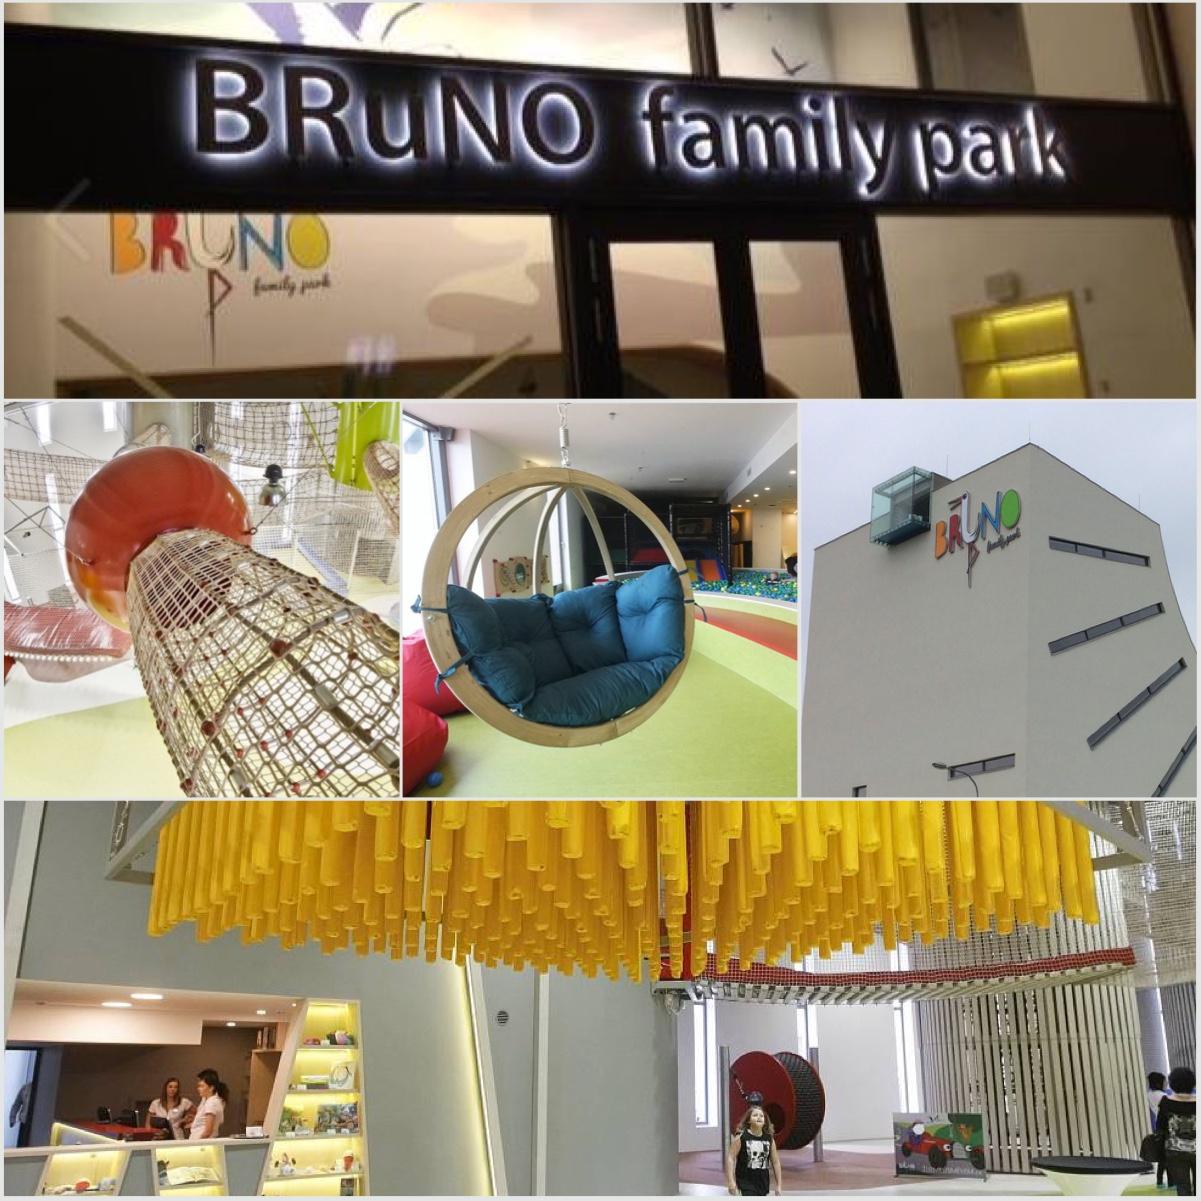 BRuNO family park láká na 40 skvělých atrakcí.